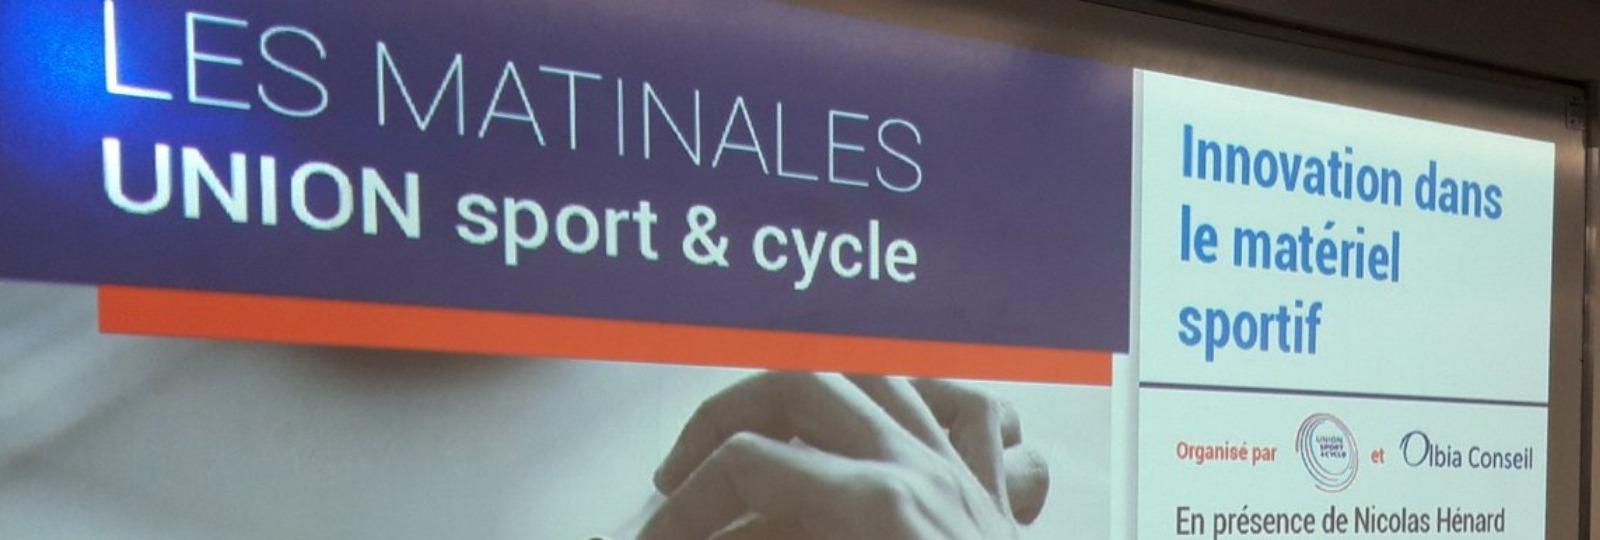 Innovation dans le matériel sportif, compte-rendu #MATINALESUSC